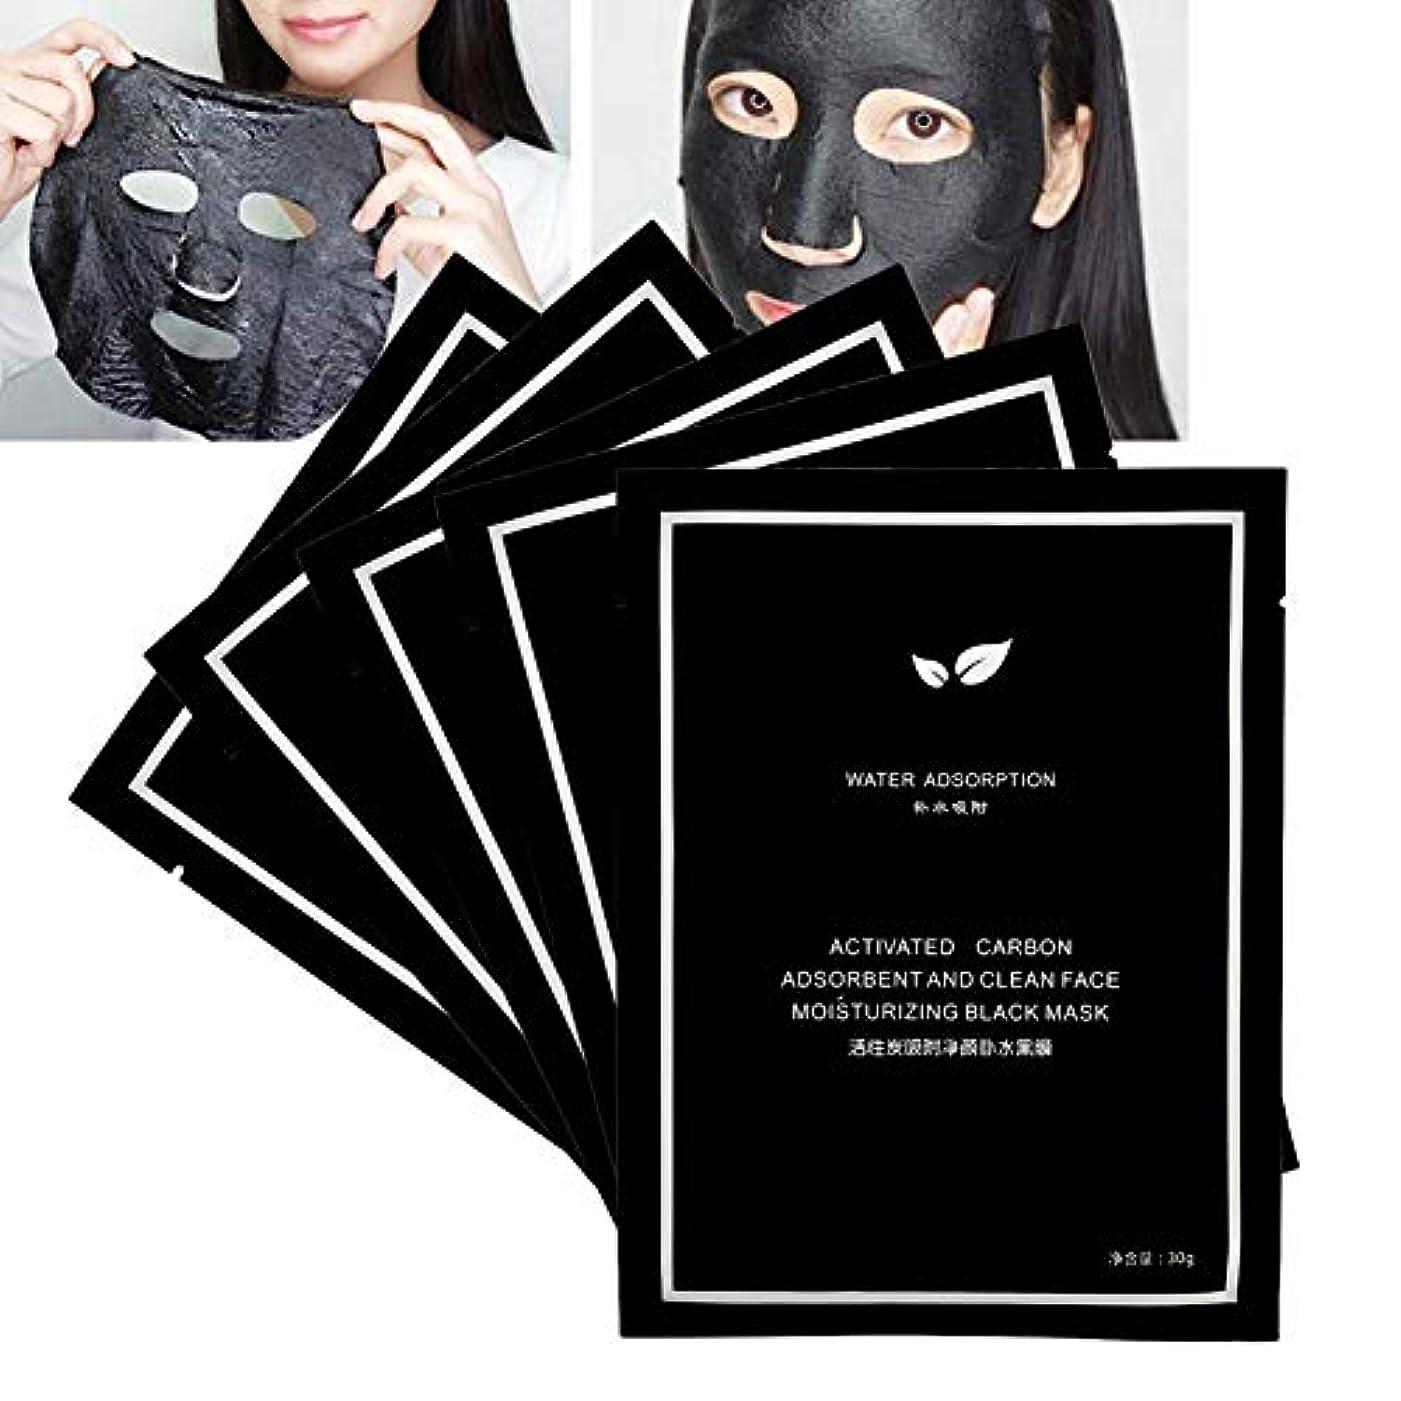 安心させる褒賞異常5枚セット 活性炭マスク 保湿 フェイスブラックマスク オイルコントロールブラックヘッドの除去汚れ除去スキンケア